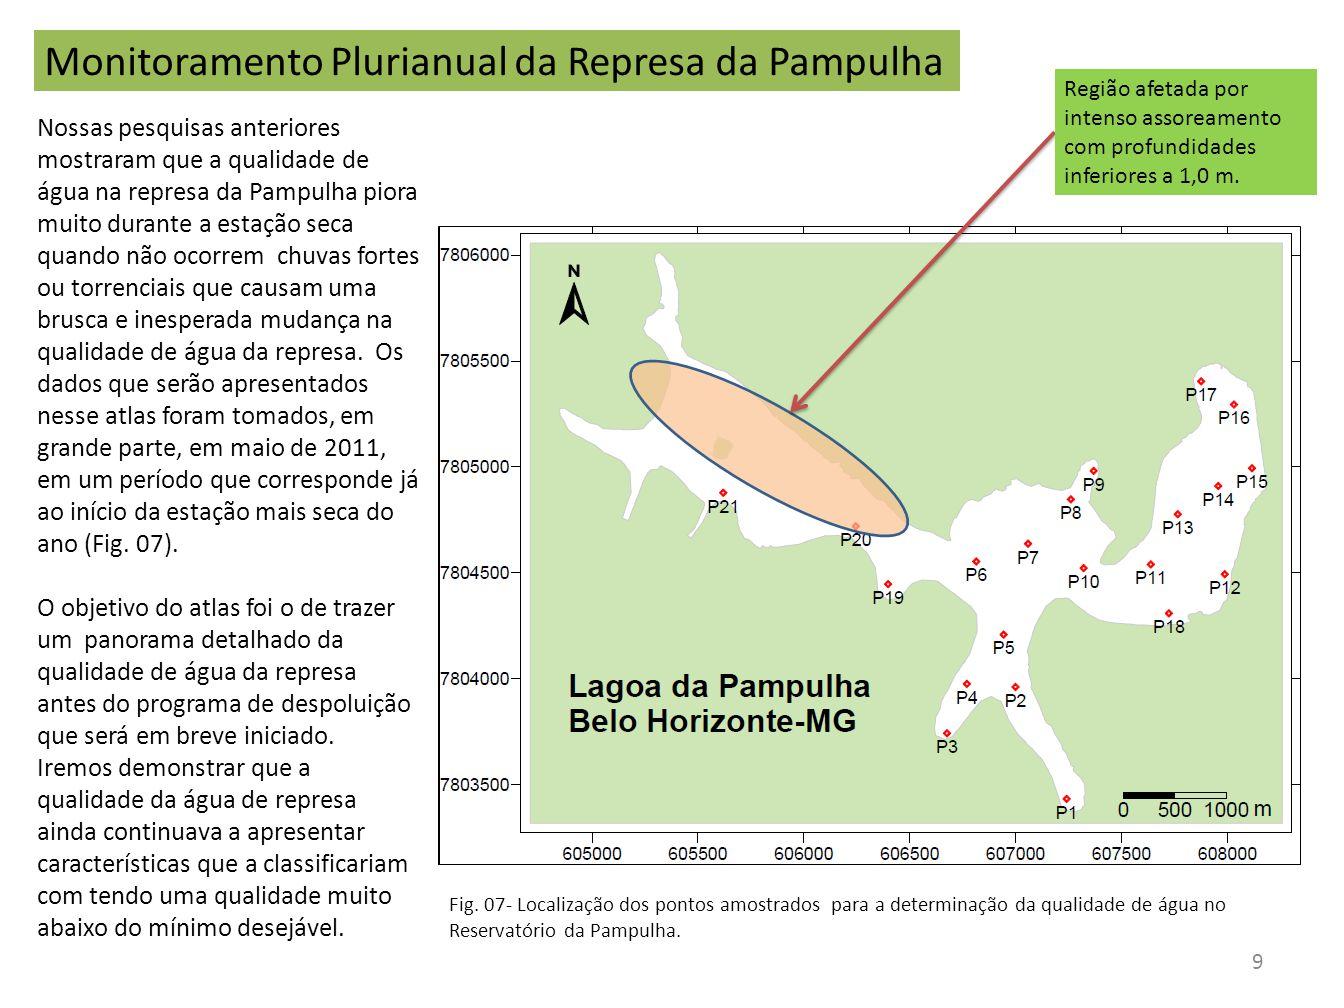 Monitoramento Plurianual da Represa da Pampulha Nossas pesquisas anteriores mostraram que a qualidade de água na represa da Pampulha piora muito duran